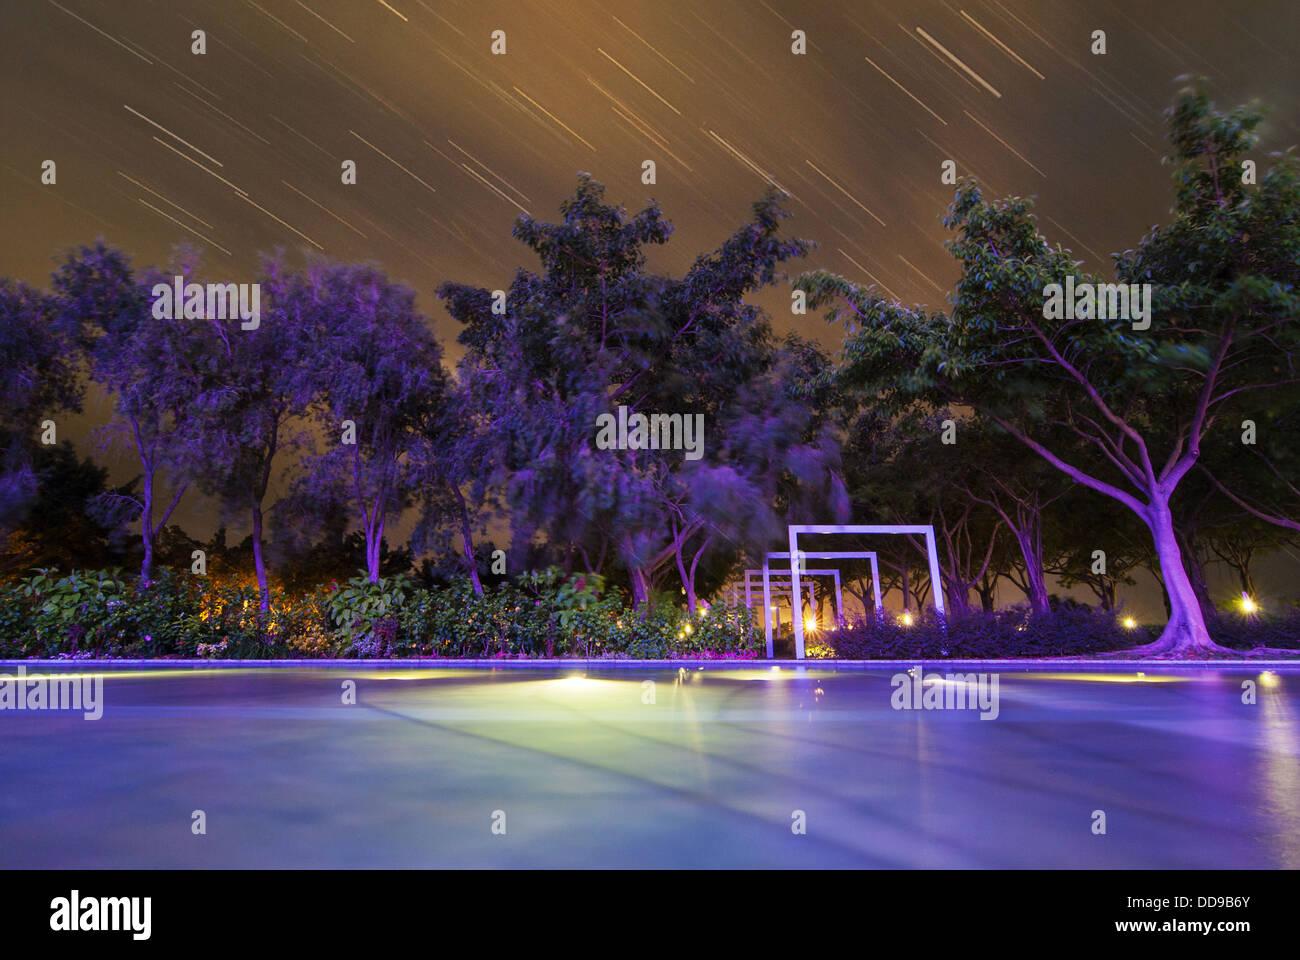 Viendo la lluvia de meteoros en la tranquila noche Imagen De Stock